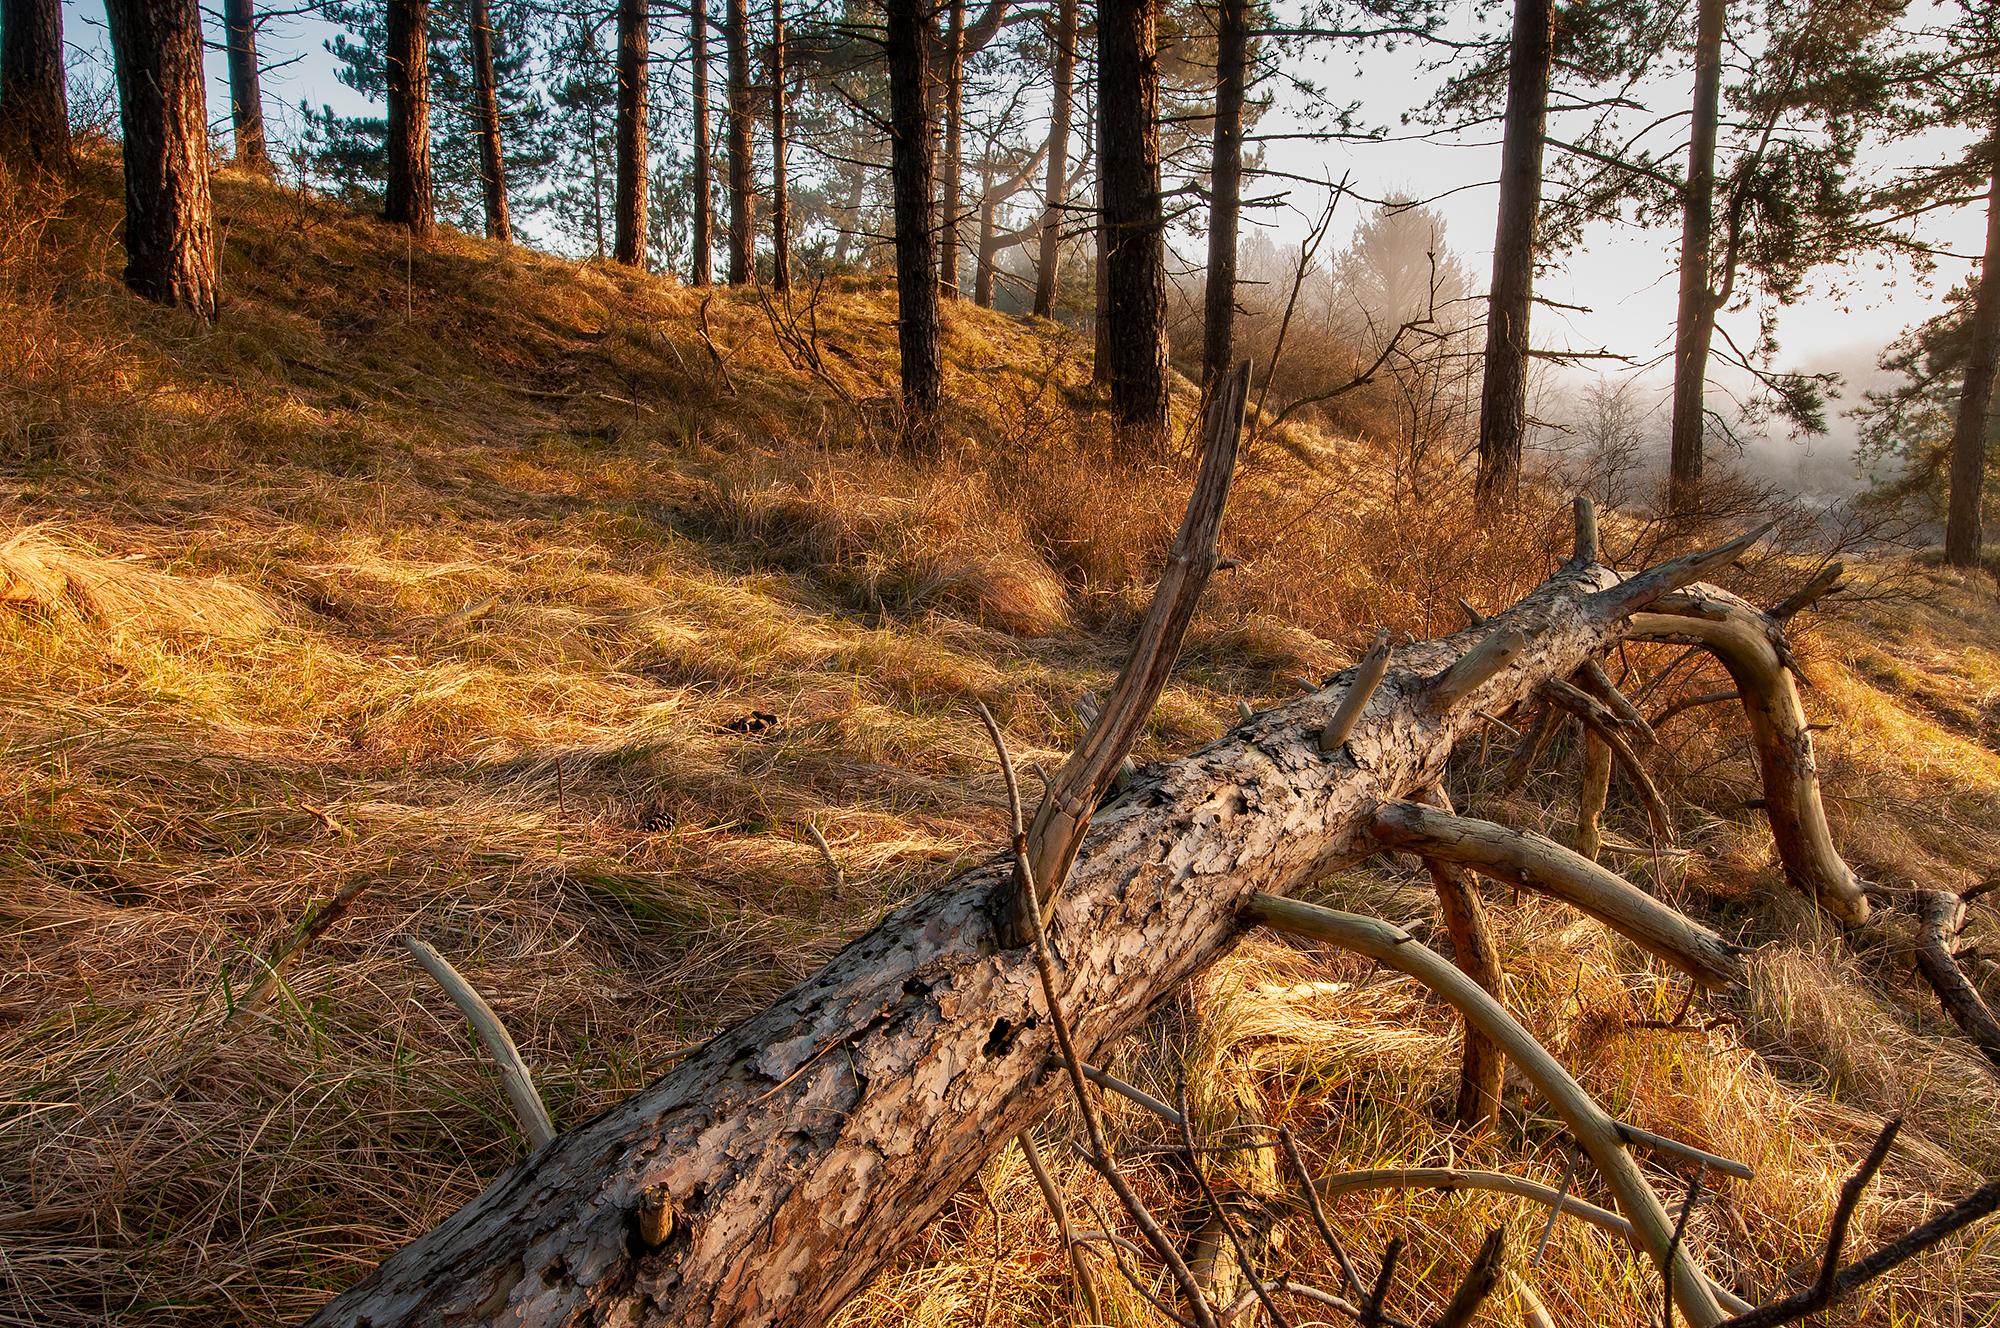 Warm licht van zonsopkomst schijnt op gevallen boom in het naaldbos van Nationaal Park Zuid-Kennemerland bij IJmuiden